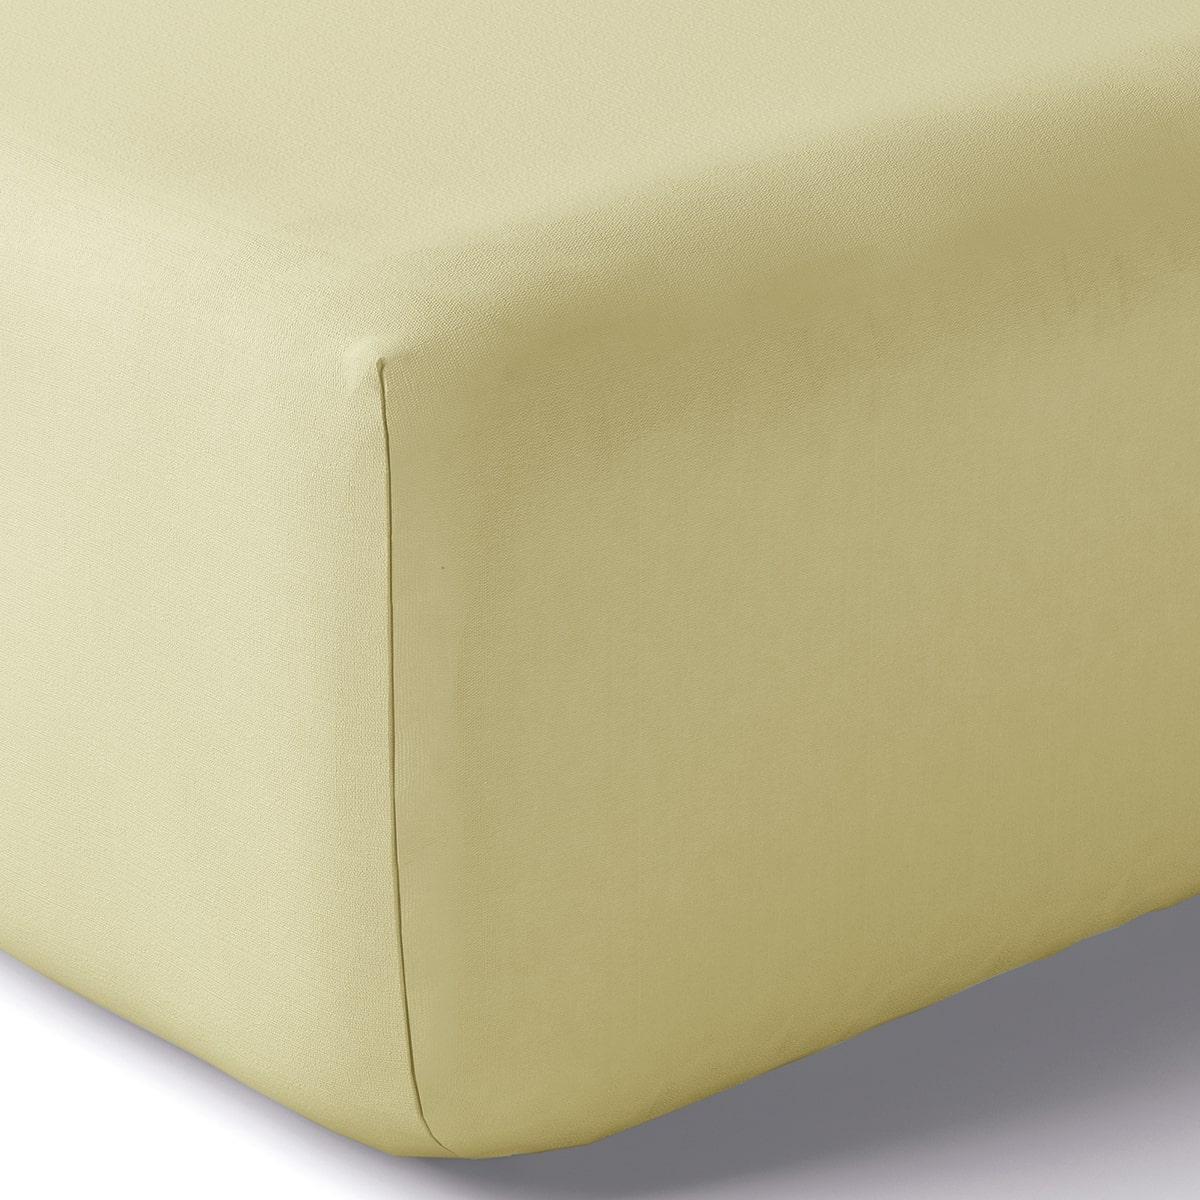 Drap housse coton 140x190 cm regain